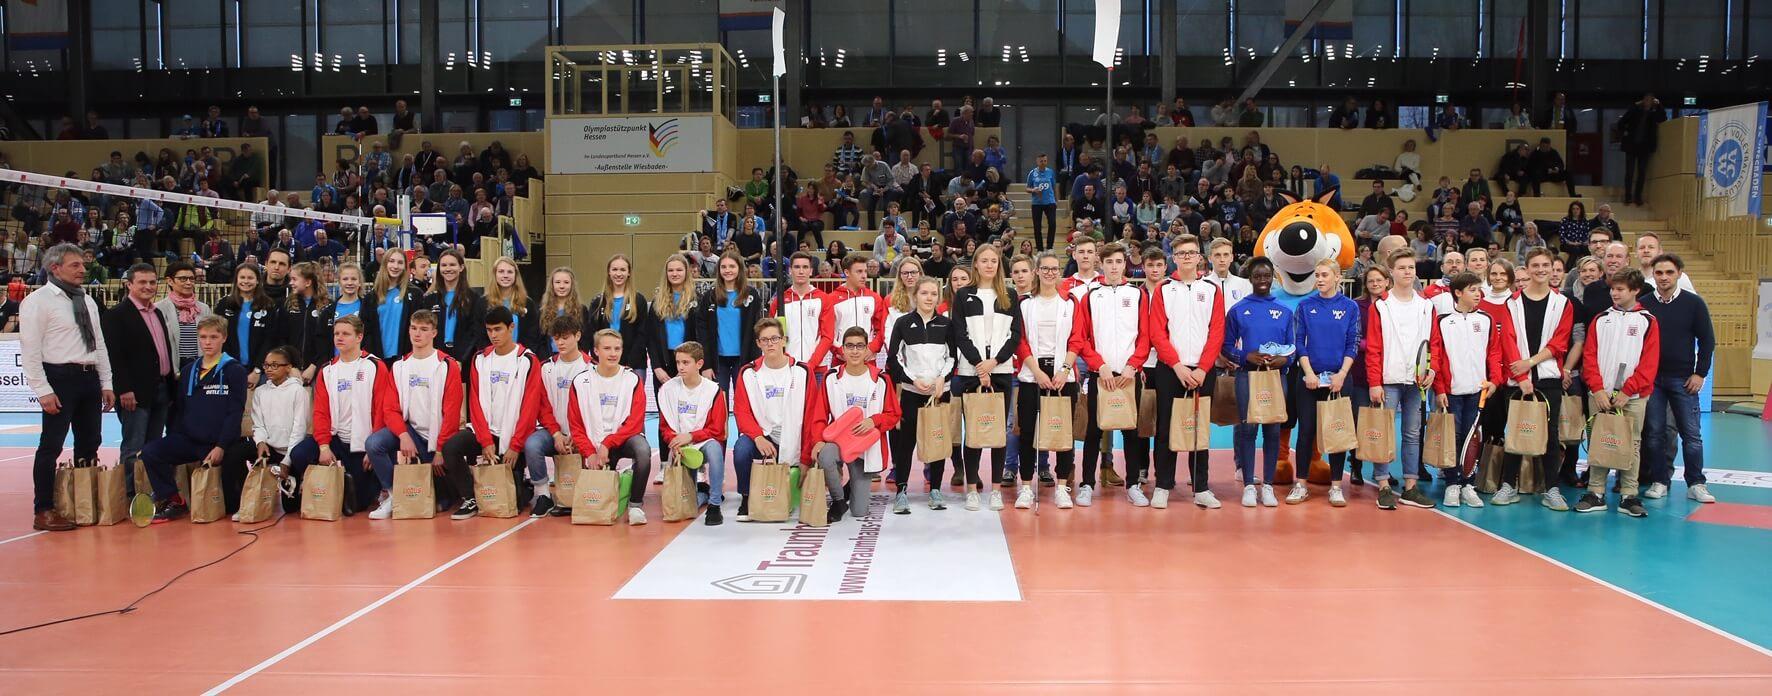 Sportlerehrung des Regionalen Talentzentrums